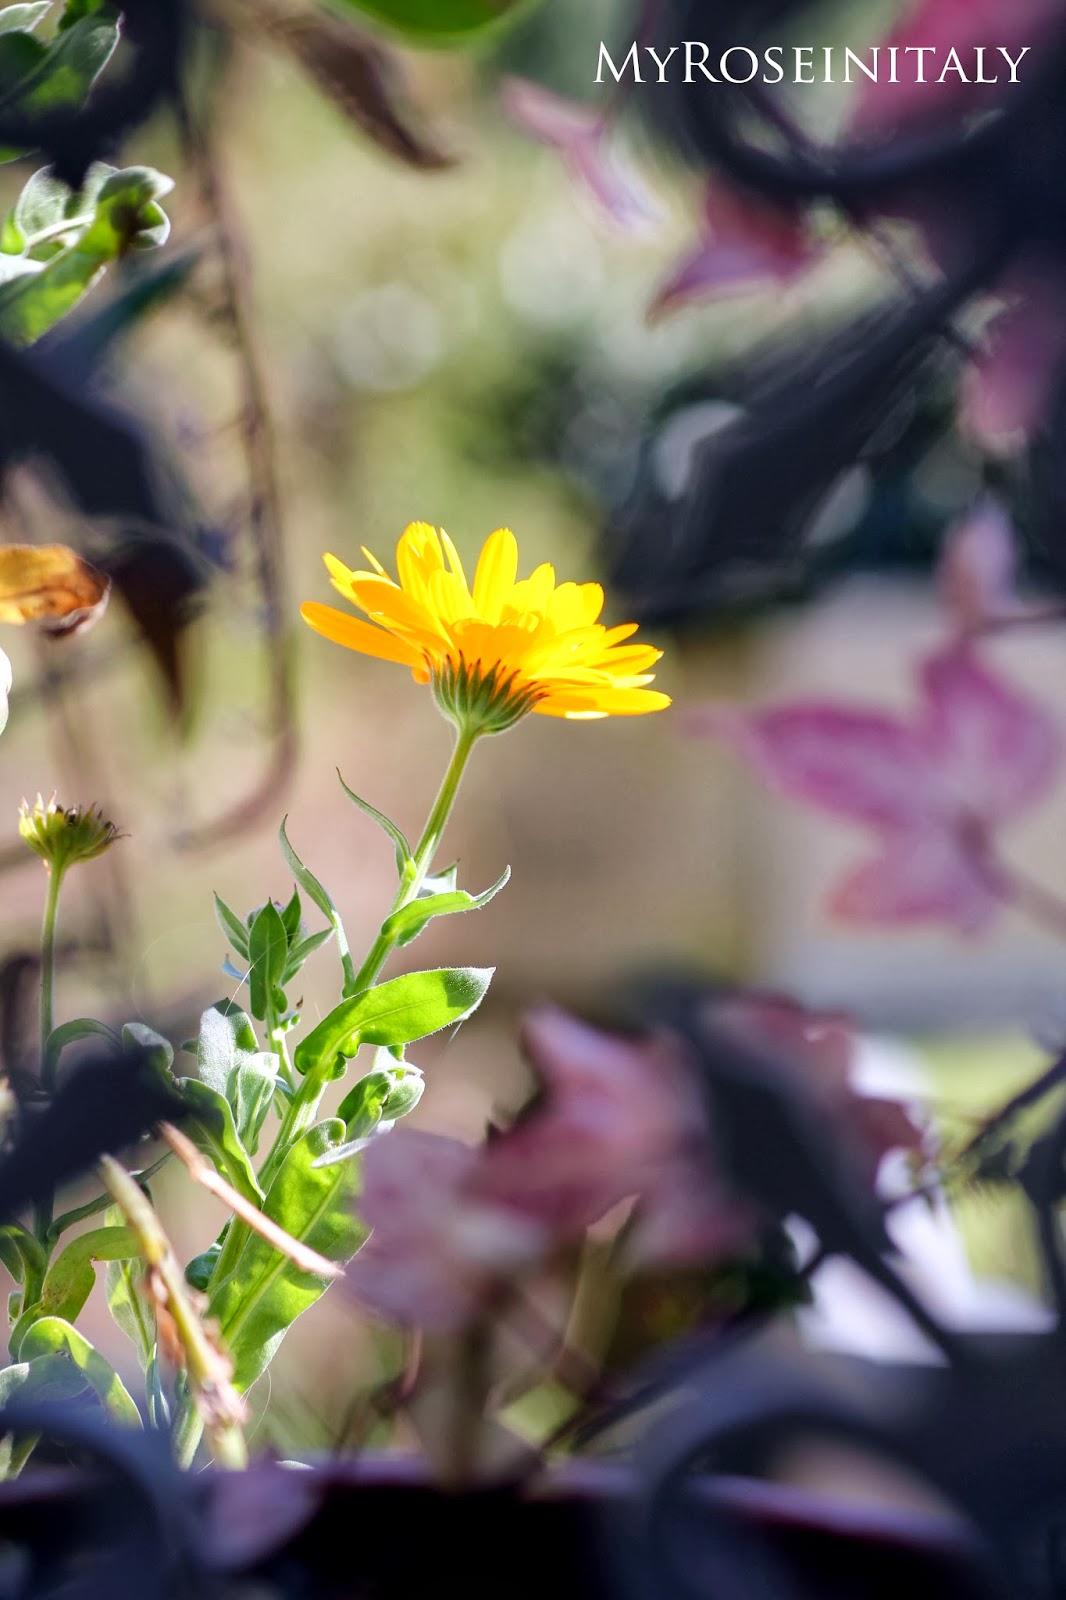 Immagini di giardini fioriti - Immagini di giardini di villette ...